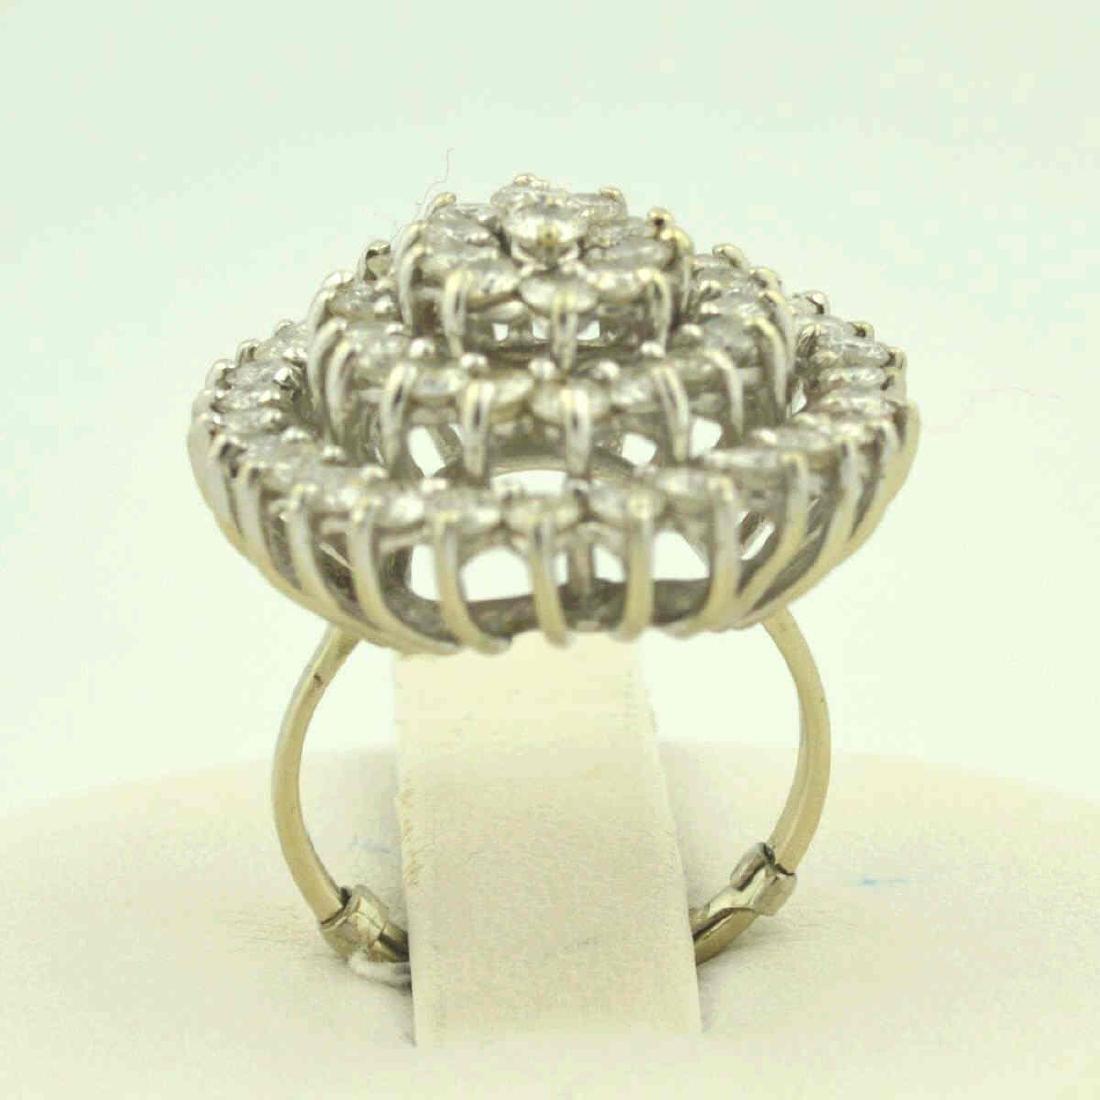 14kt white gold diamond cocktail ring - 4